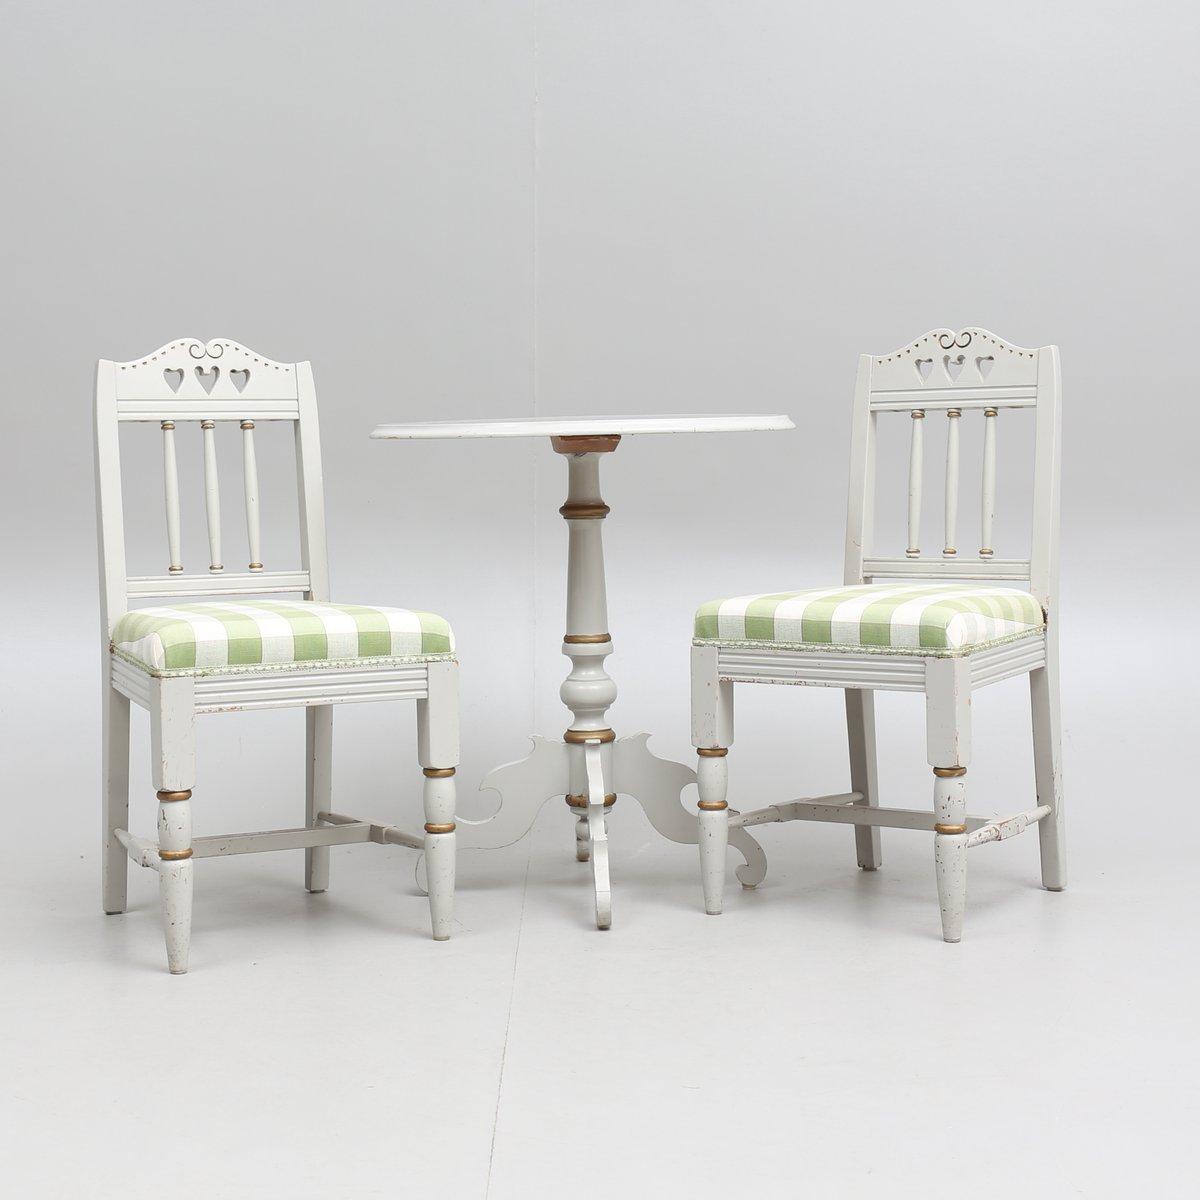 Tavolo e sedie antichi in stile gustaviano set di 3 in for Tavolo e sedie